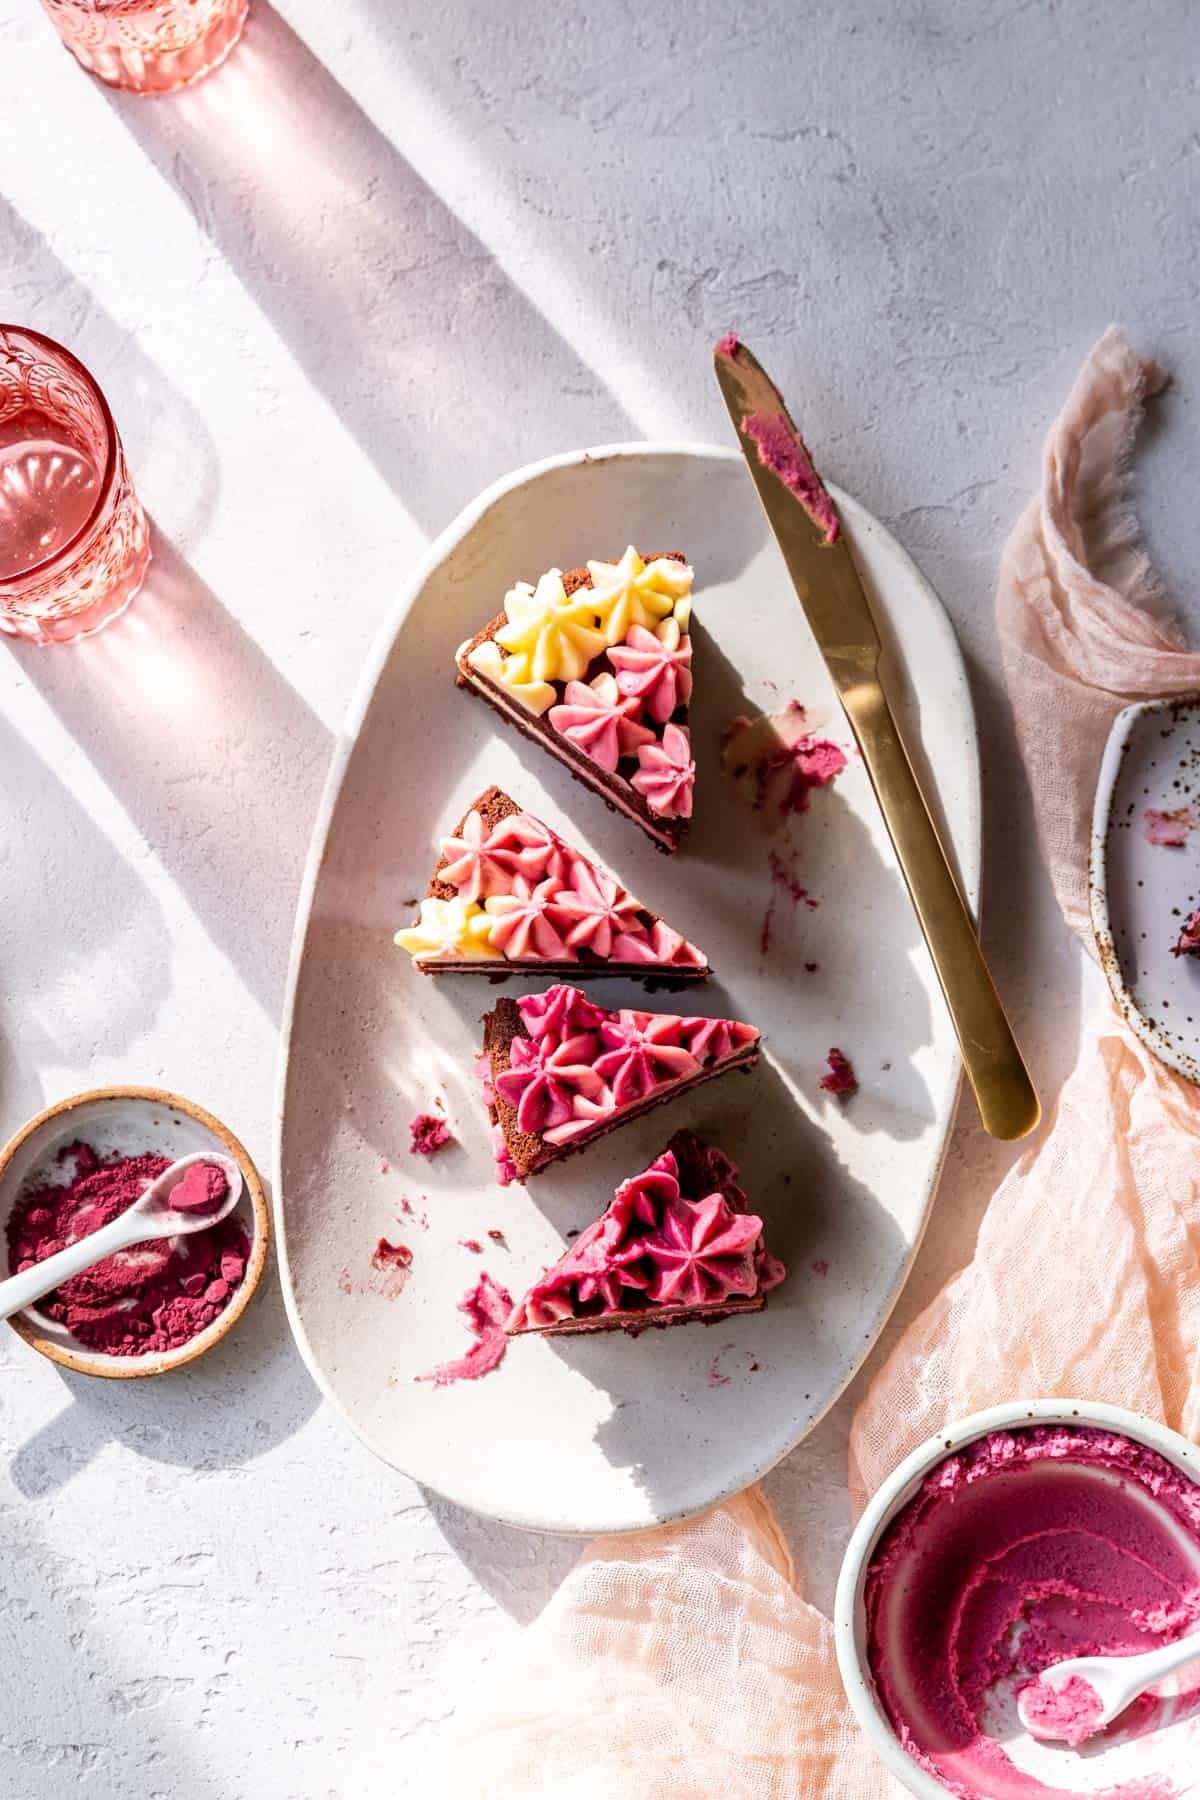 easy elegant chocolate desserts: gluten-free red velvet cake